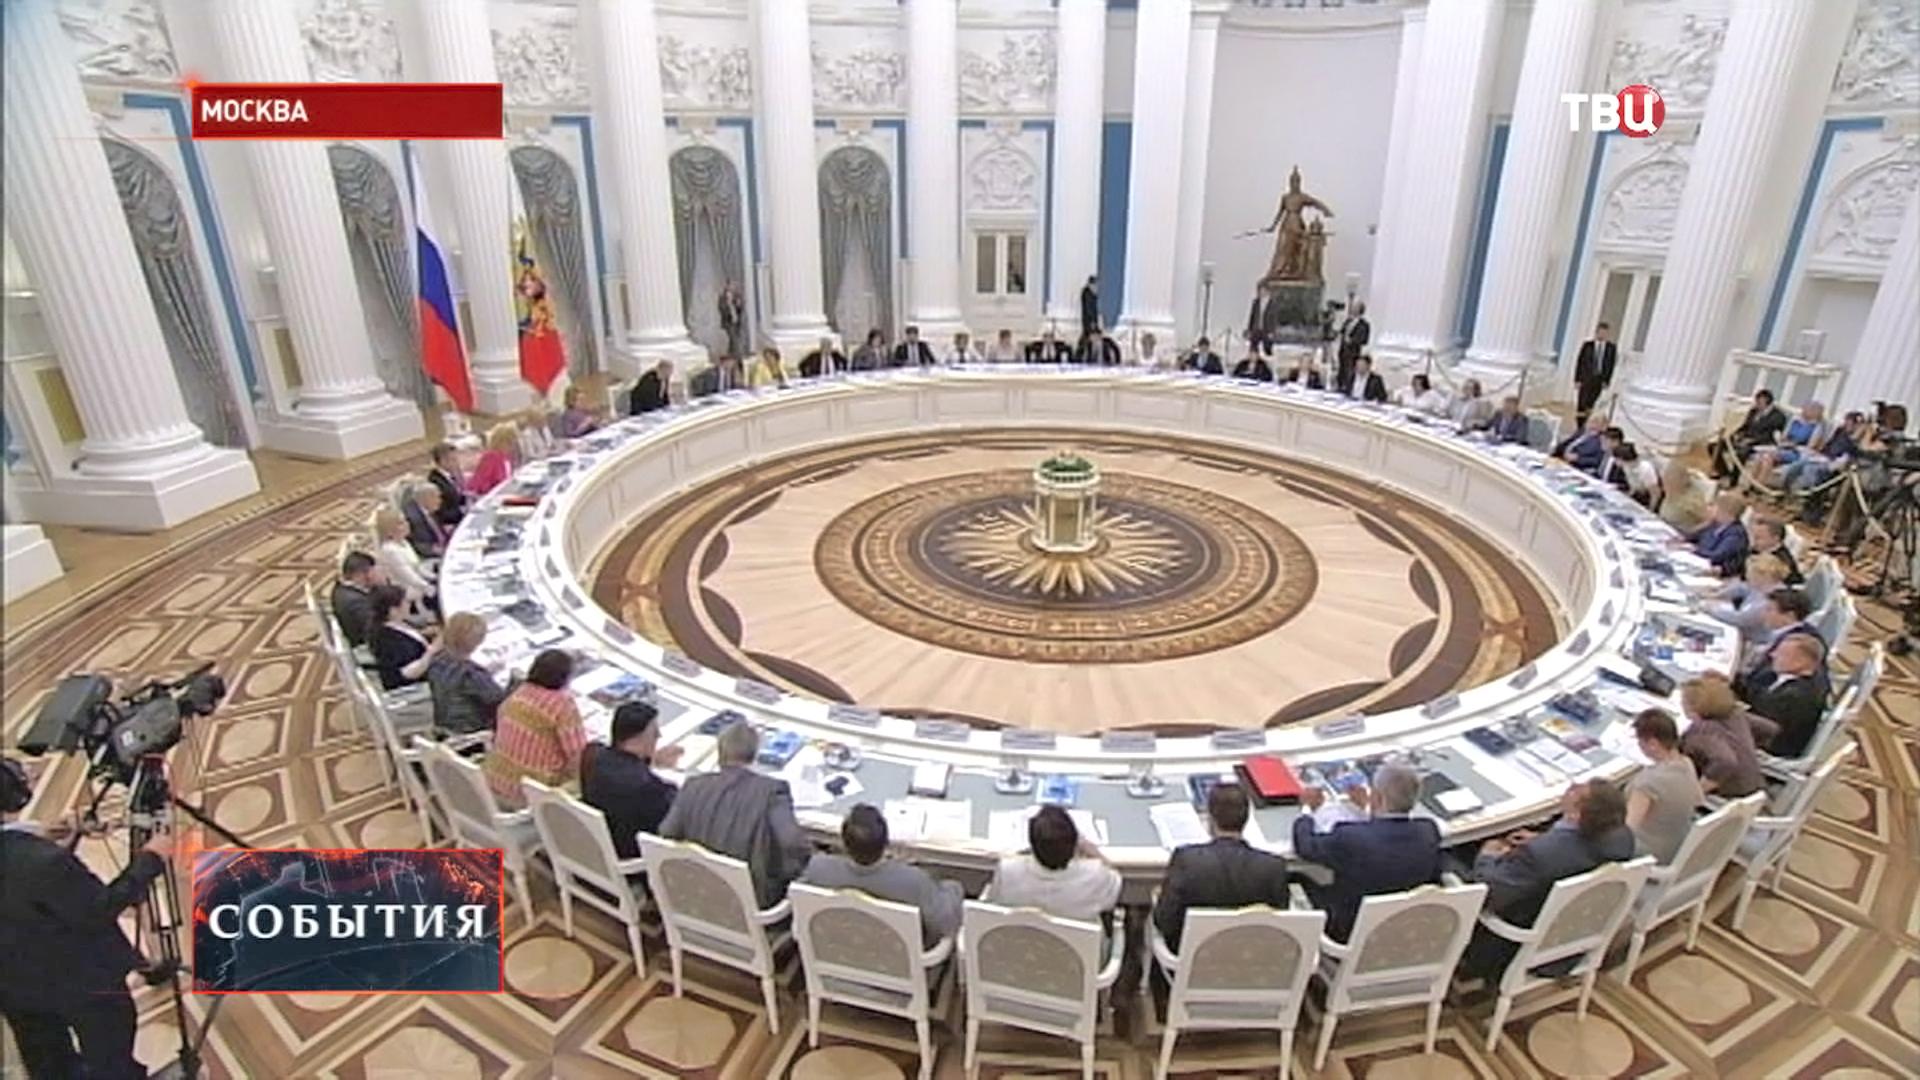 Владимир Путин на заседании Координационного совета по реализации Национальной стратегии действий в интересах детей до 2017 года